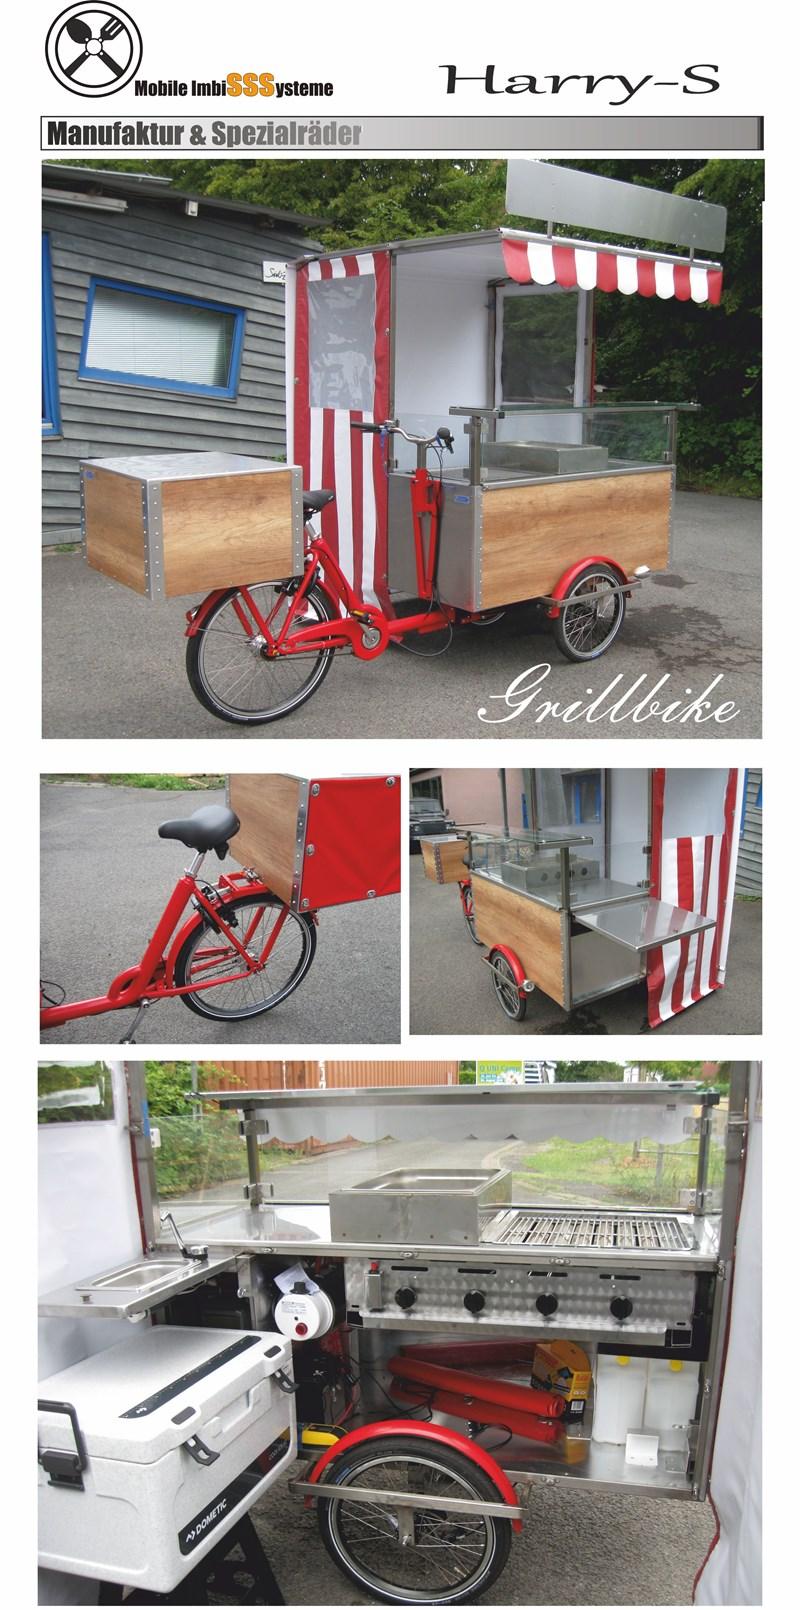 Grillbike